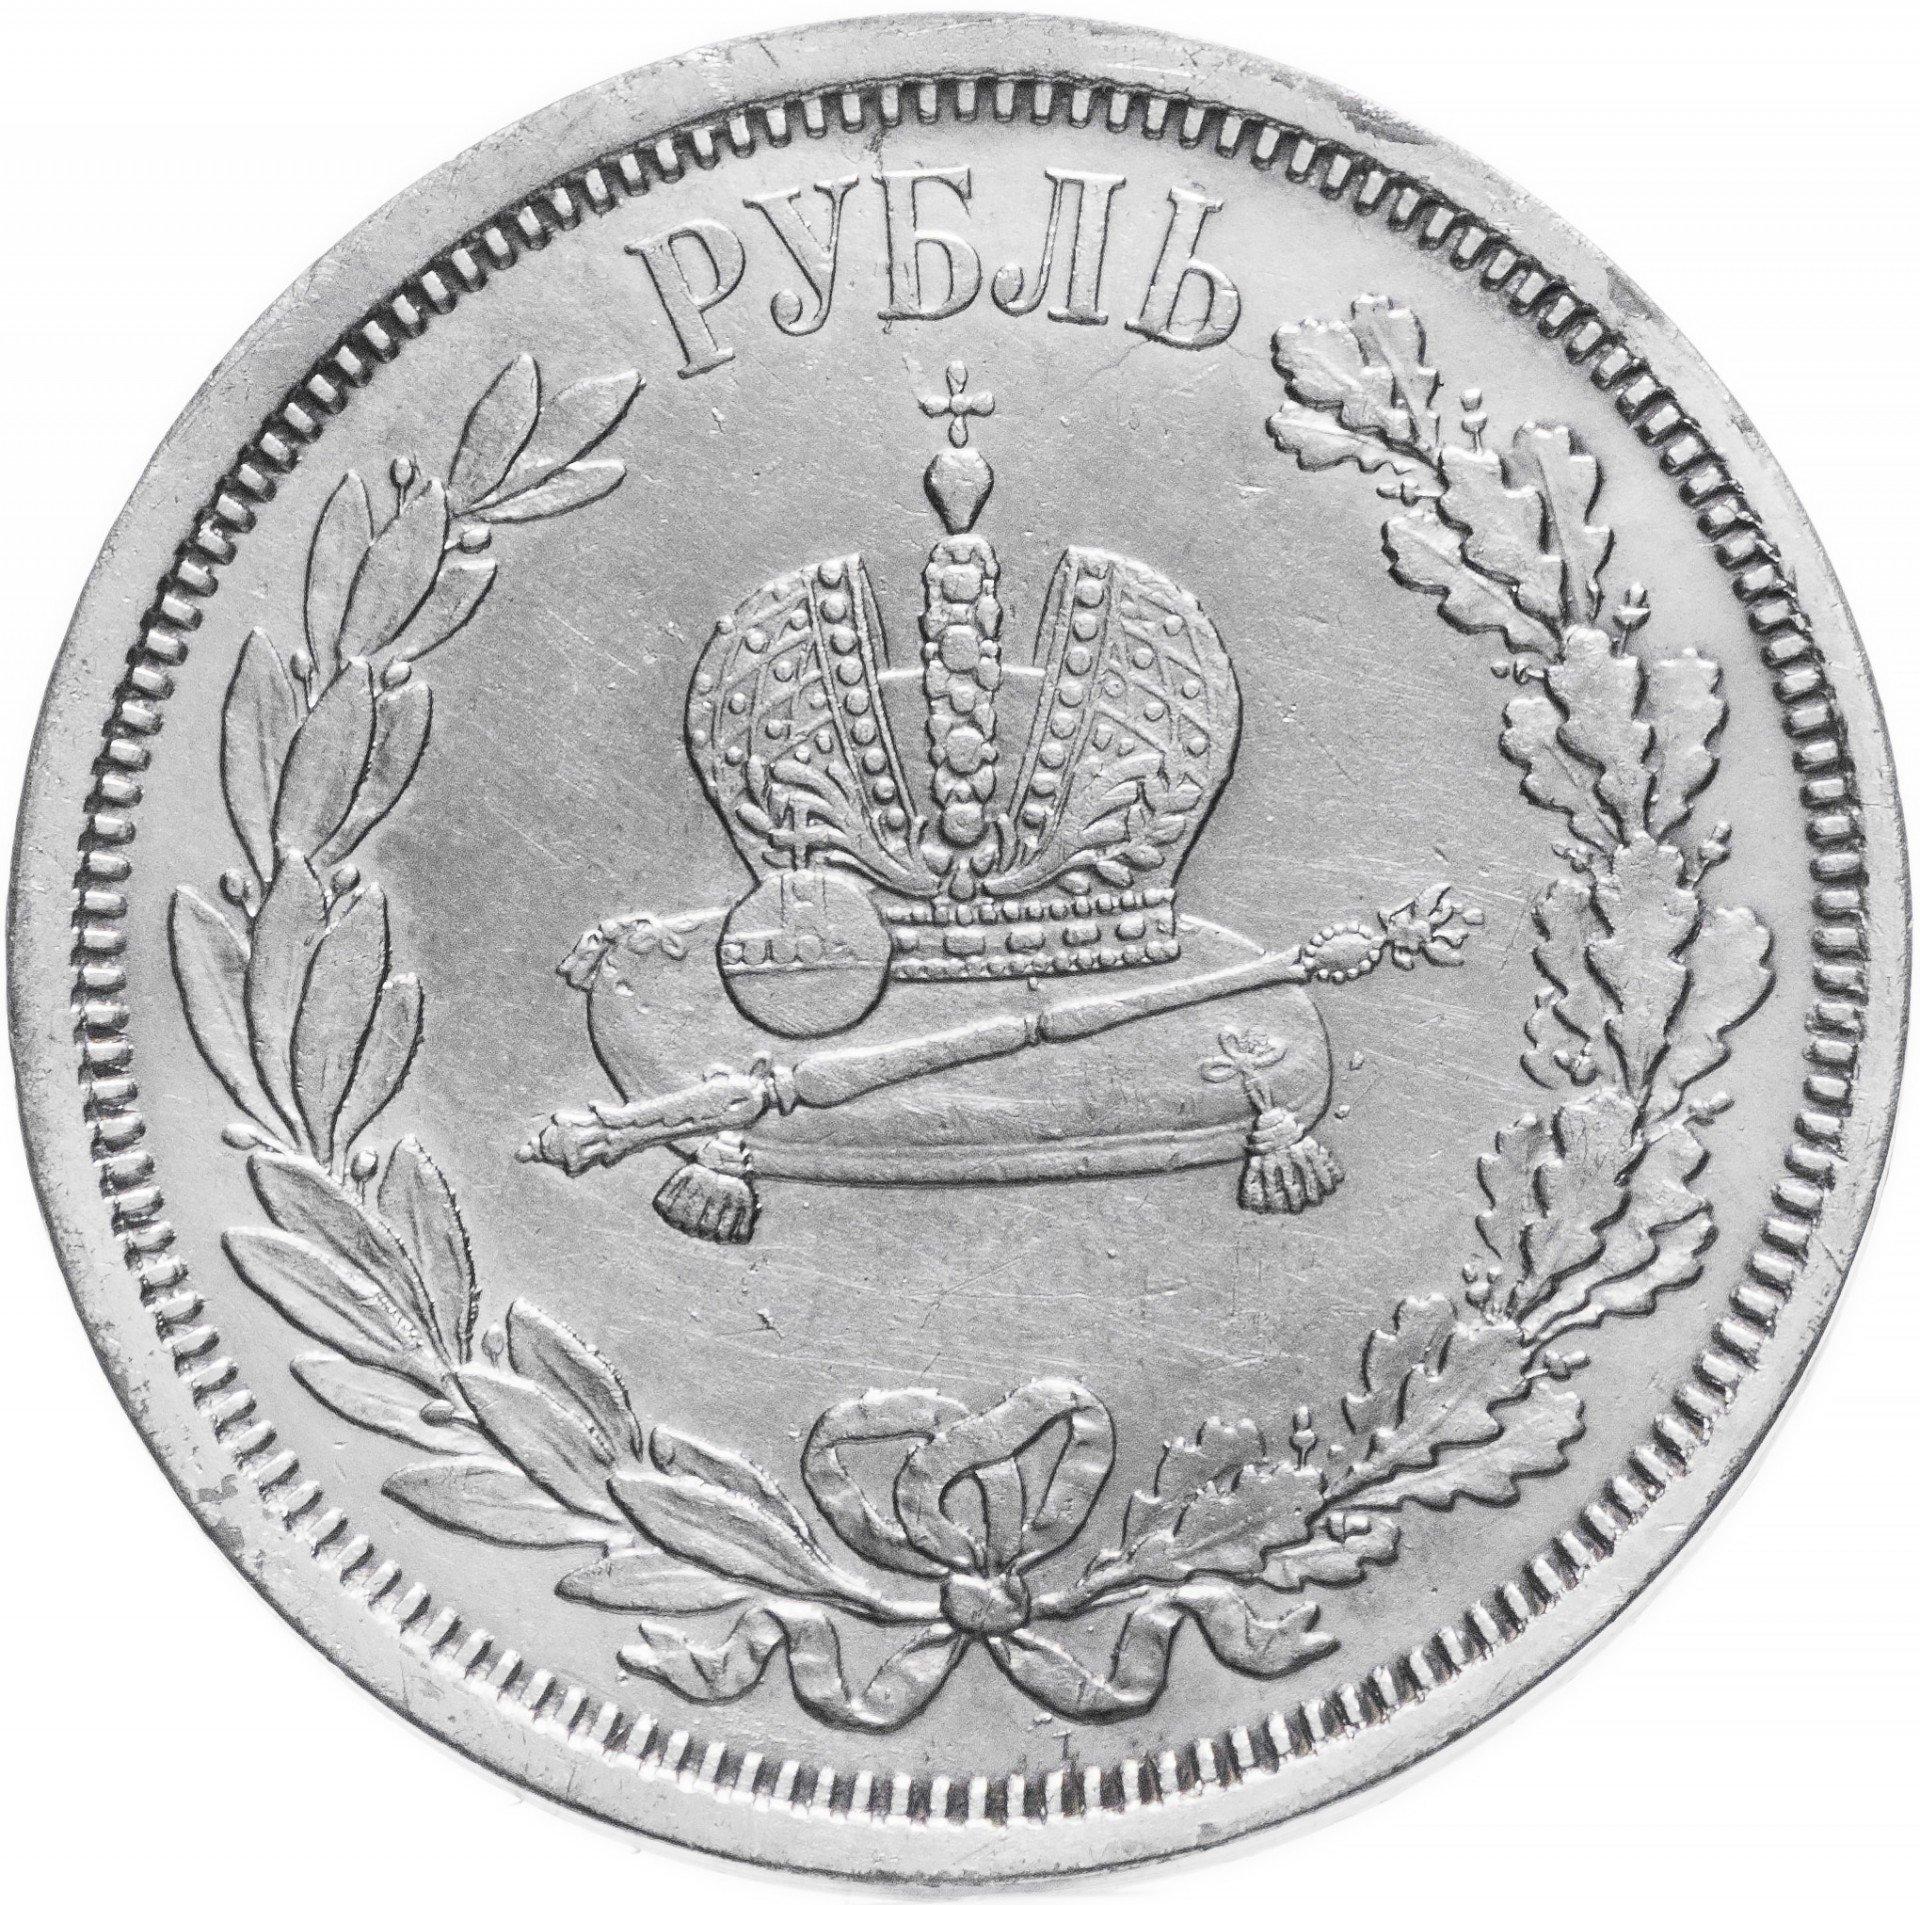 Купить 1 рубль александра 3 50 рублей на гривны